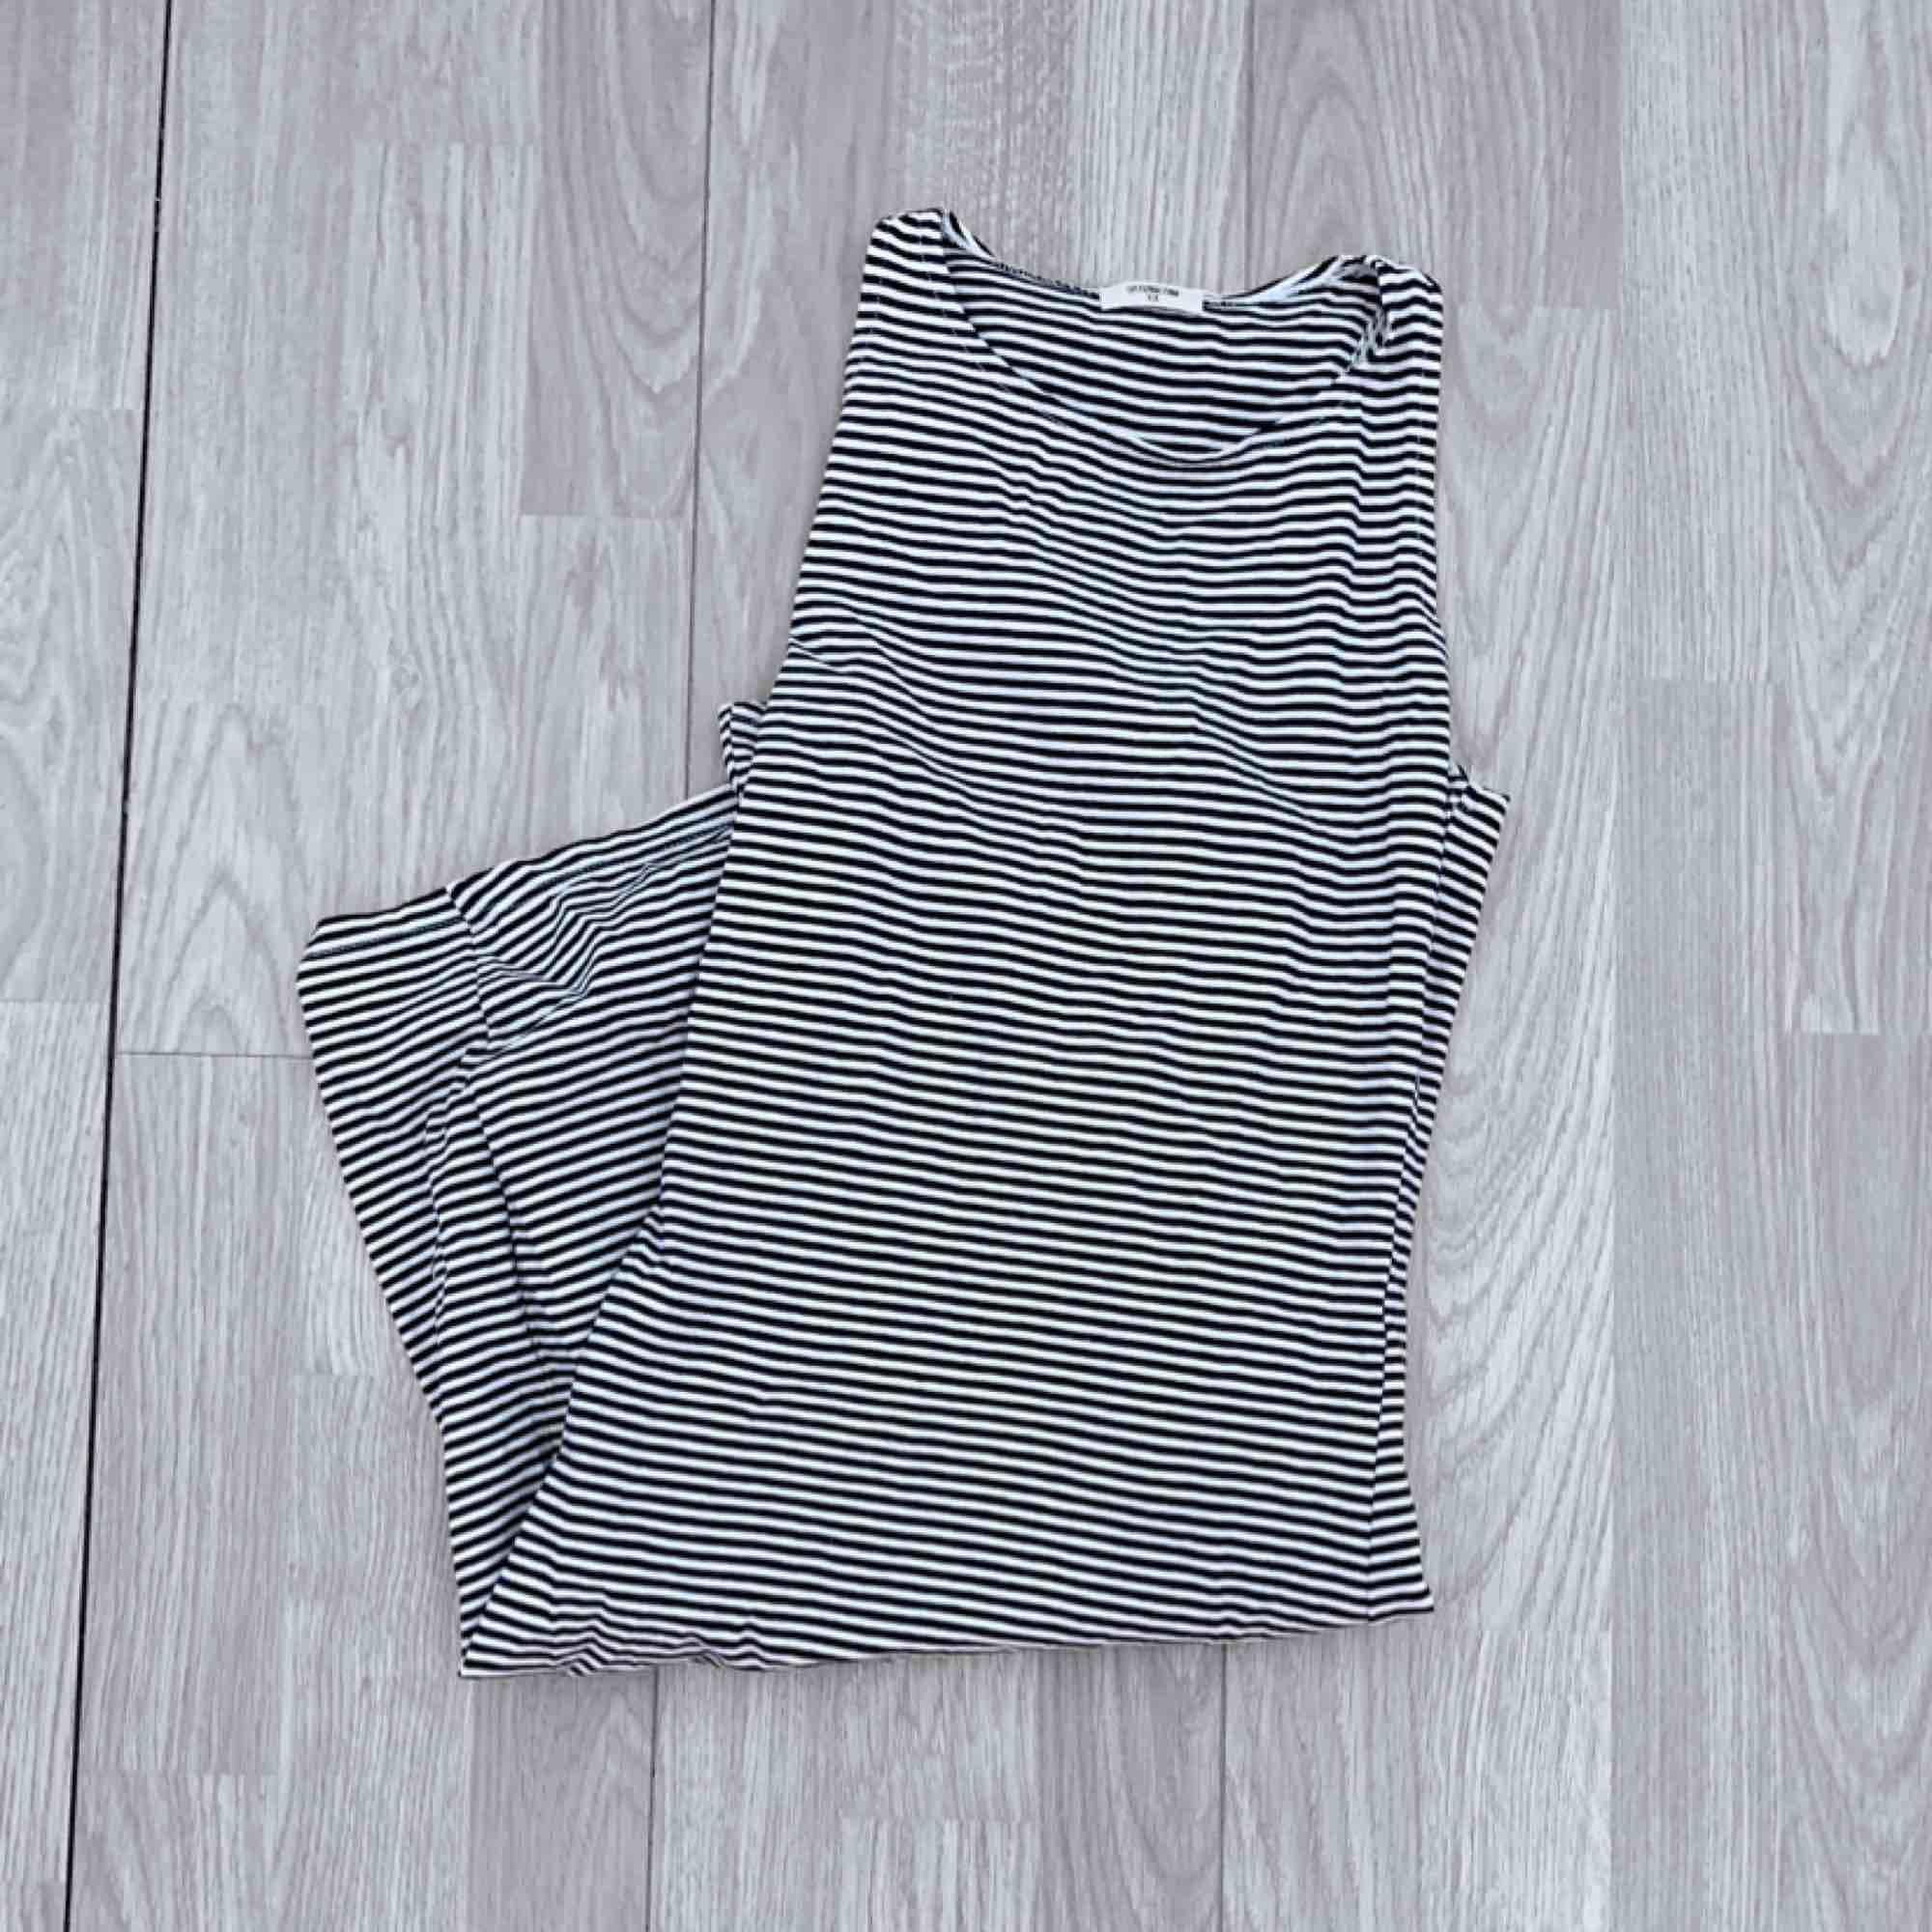 Vit och mörkblå/svart randig klänning storlek xs i fint skick.  Möts upp i Stockholm eller fraktar.  Frakt kostar 36kr extra, postar med videobevis/bildbevis. Jag garanterar en snabb pålitlig affär!✨. Klänningar.